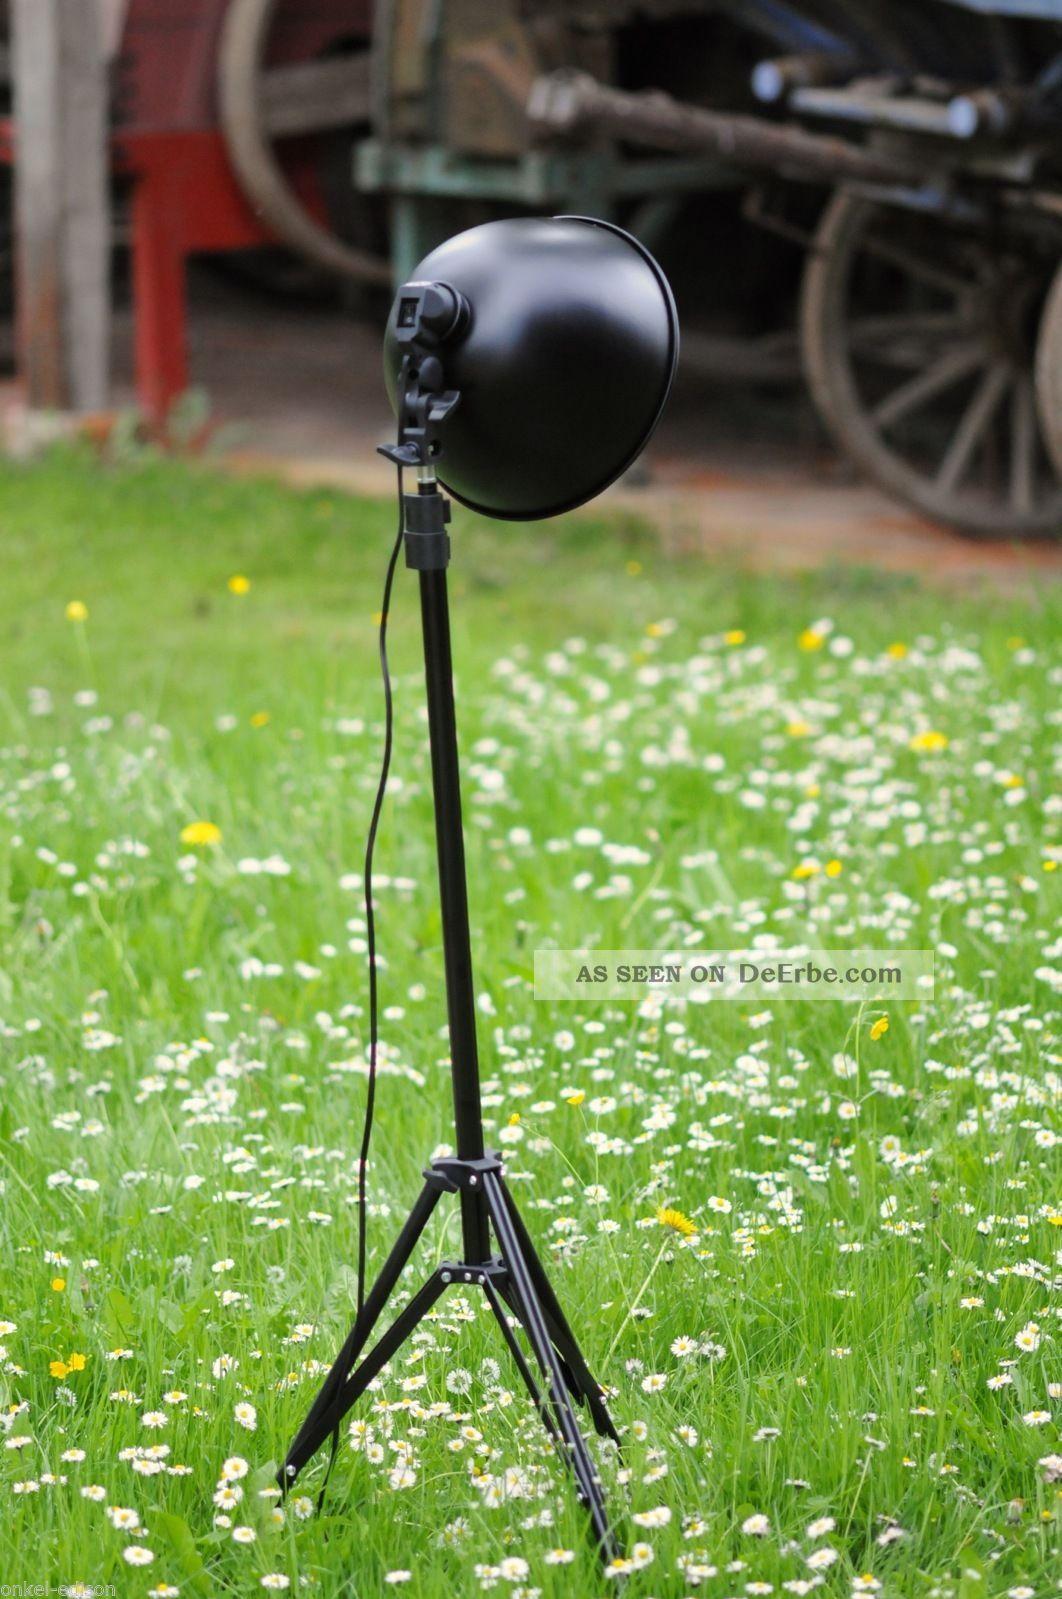 loft studio lampe tripod stehlampe industriedesign bauhaus stil bis 2 10 meter. Black Bedroom Furniture Sets. Home Design Ideas